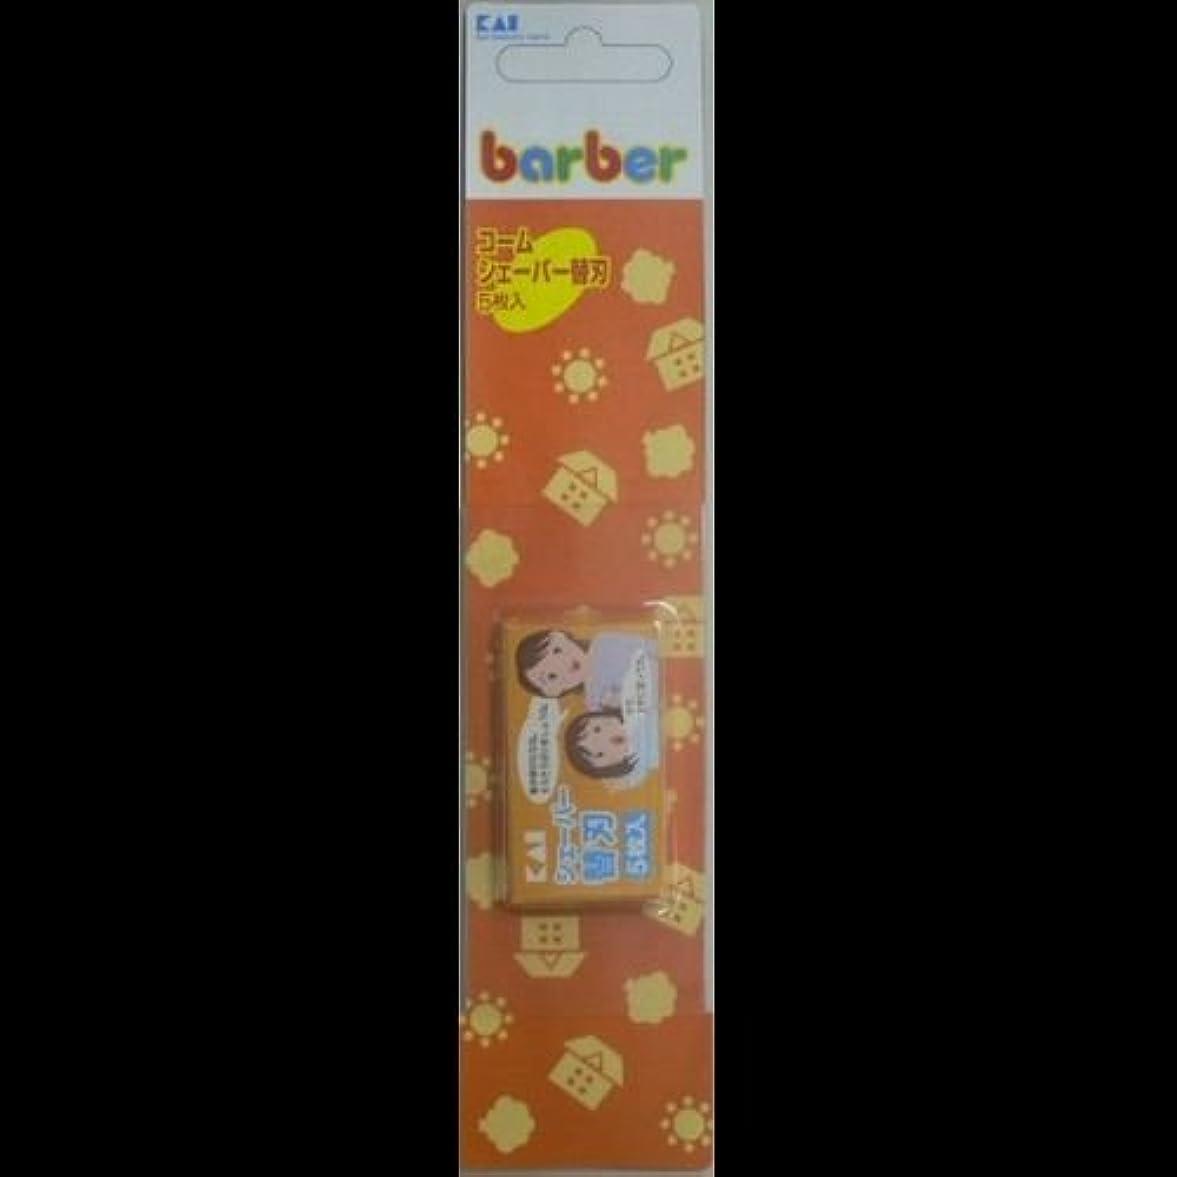 レイアウトビリーヤギインタネットを見る【まとめ買い】貝印 バーバー シェーバー替刃 5枚入 ×2セット